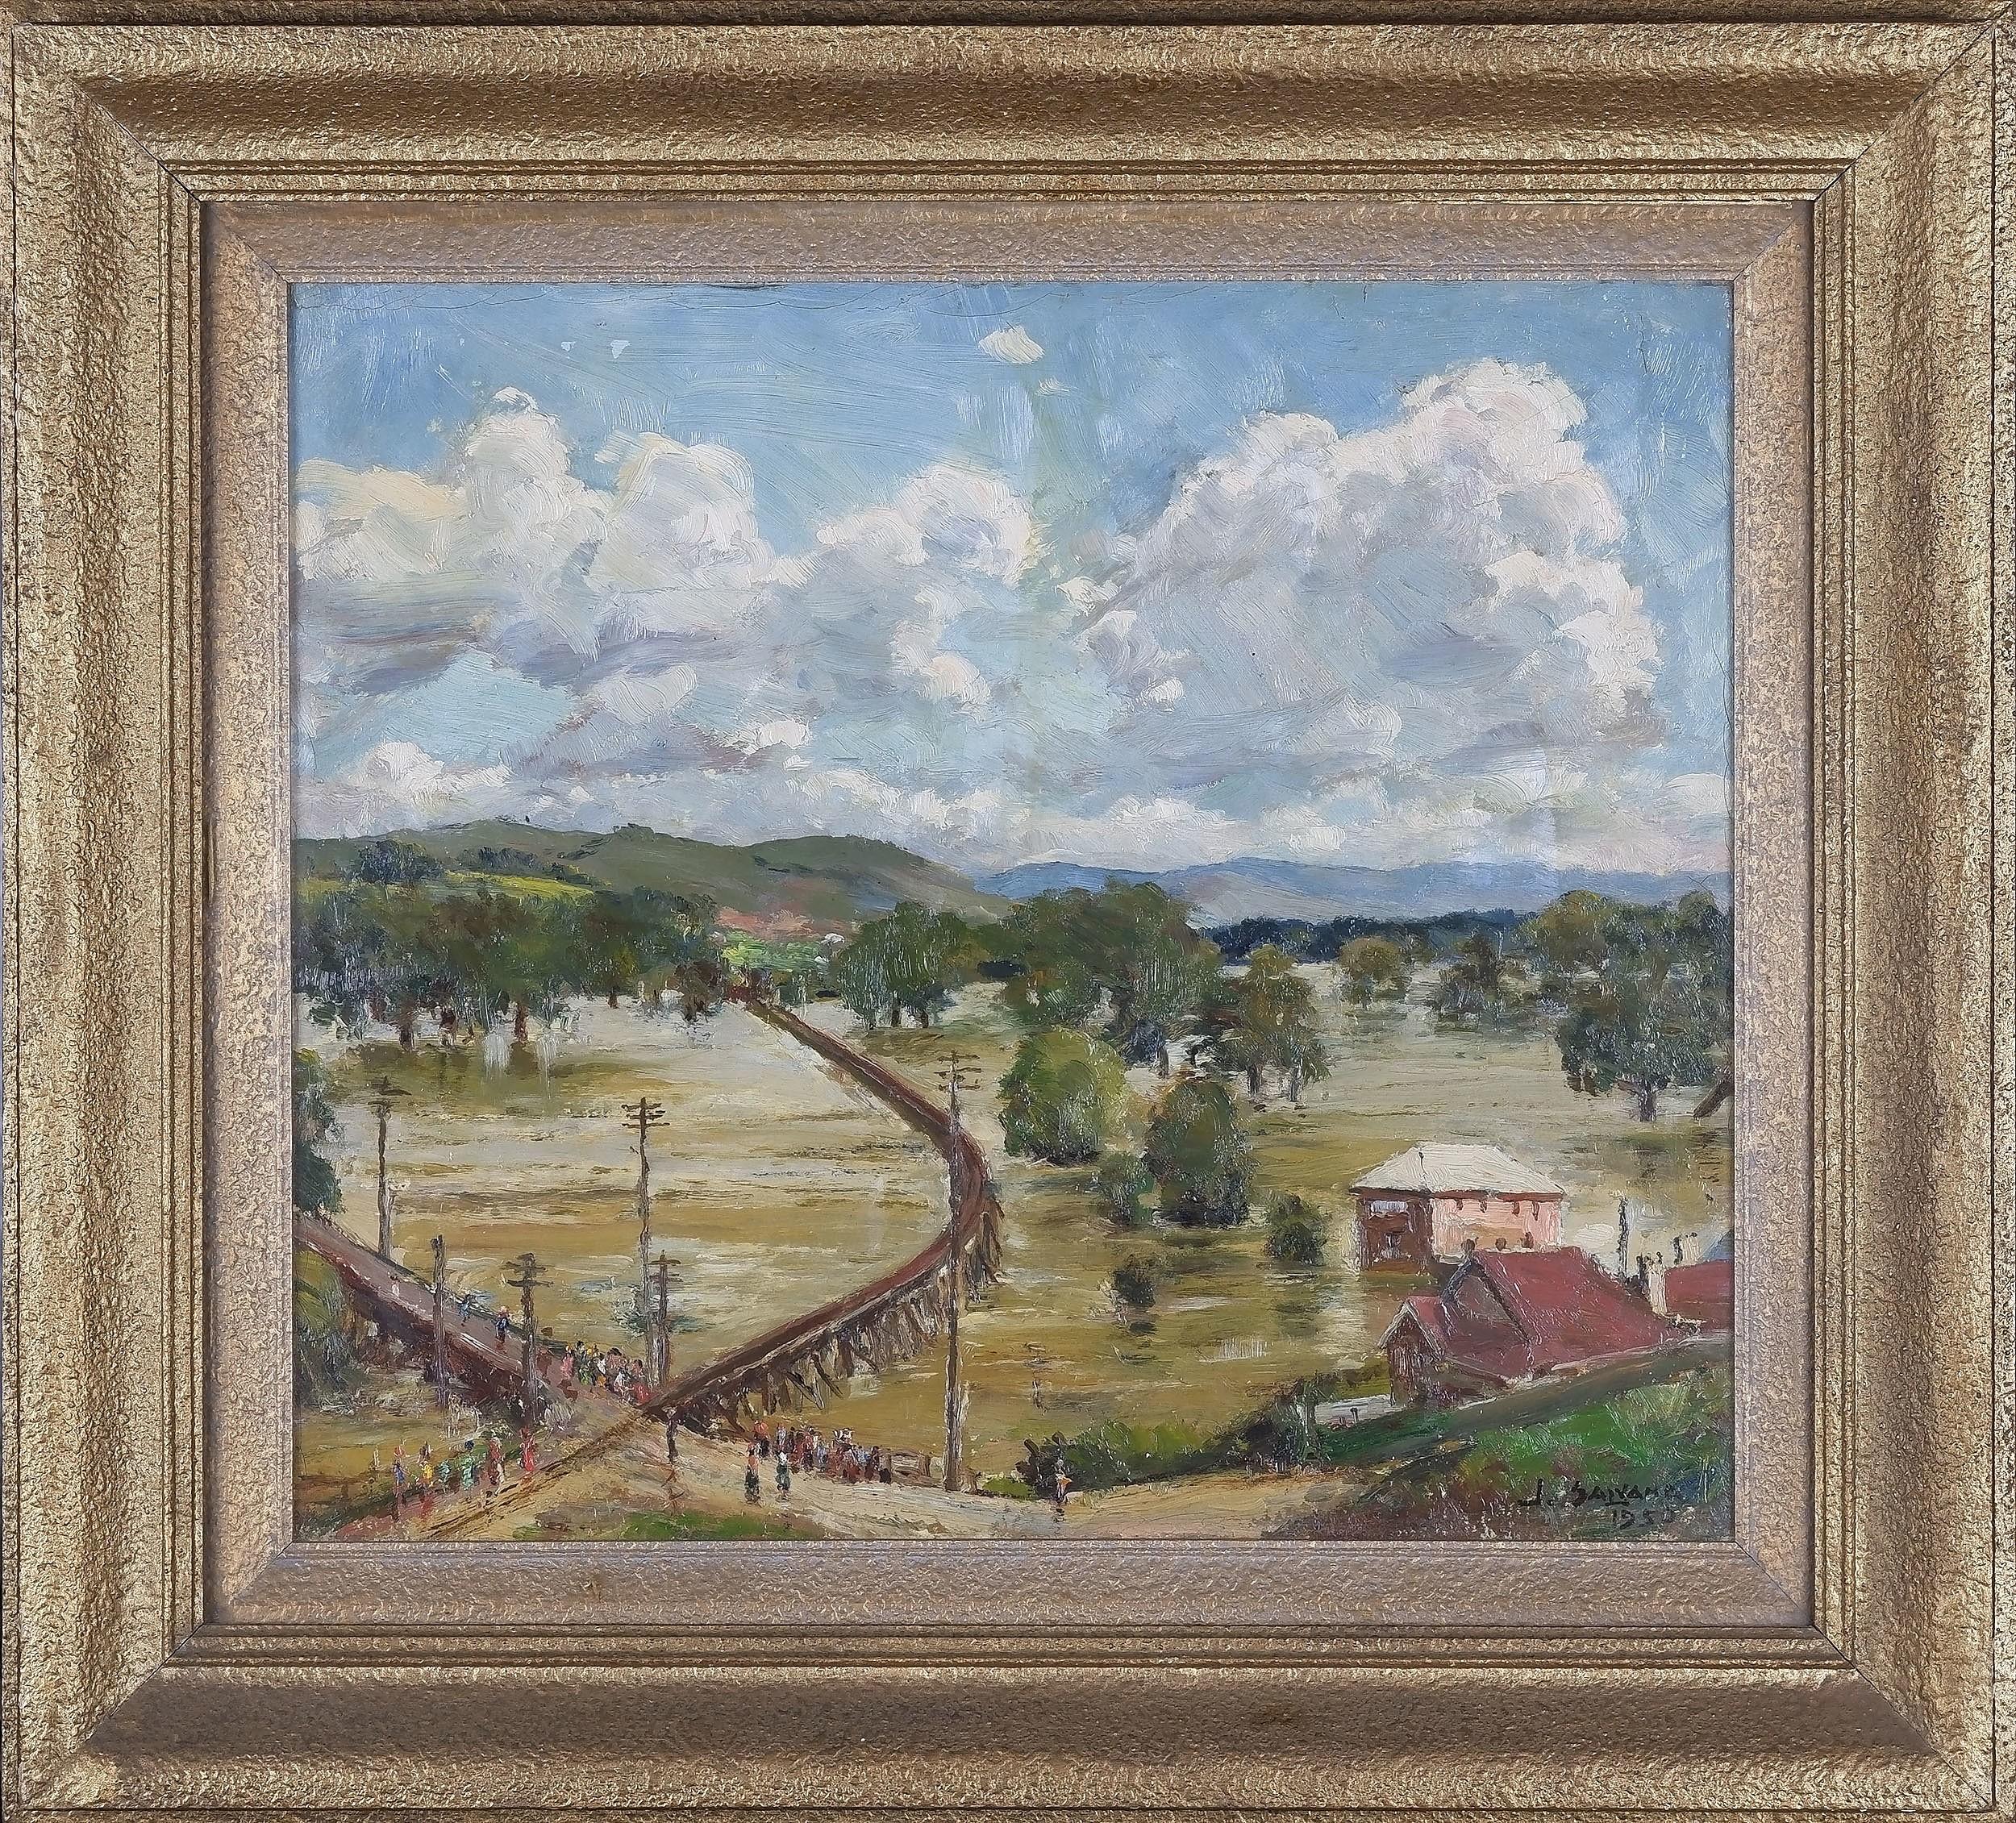 'John Salvana (1873-1956) Murrumbidgee Record Flood Gundagai Oil On Board'